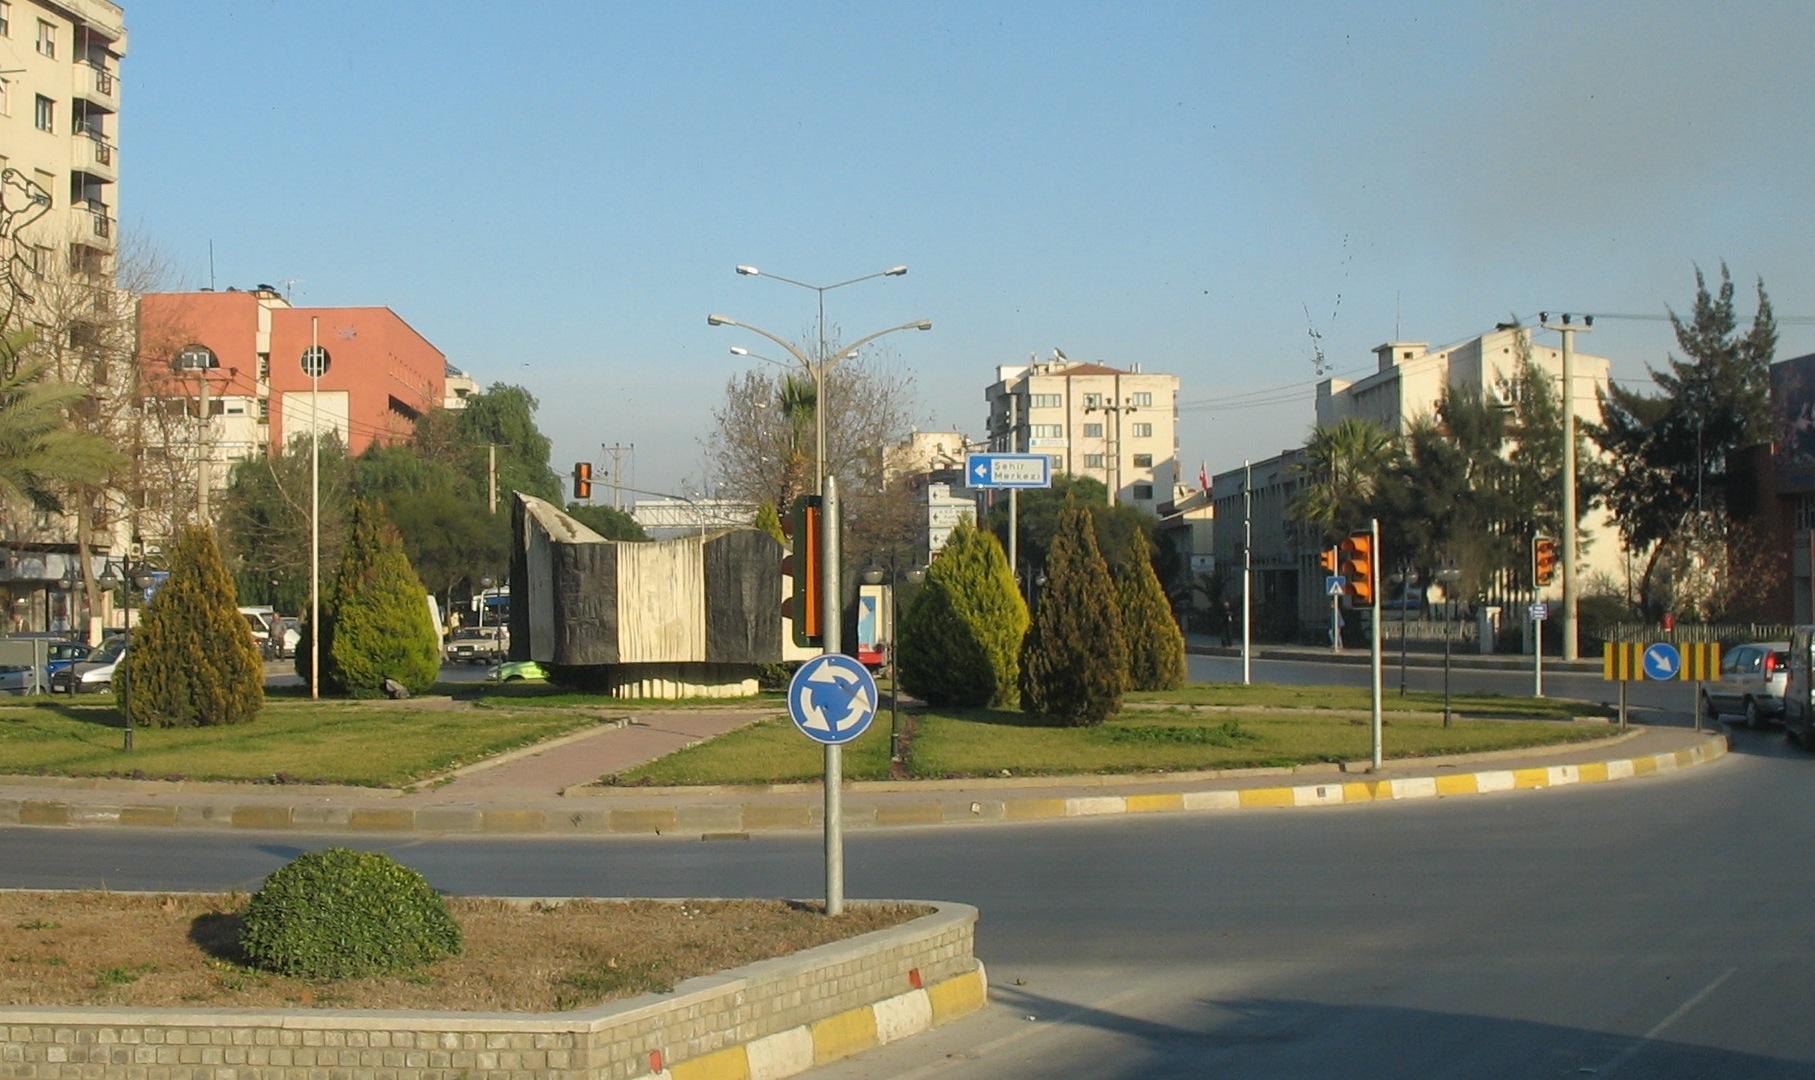 File:Aydin Merkez 1.jpg